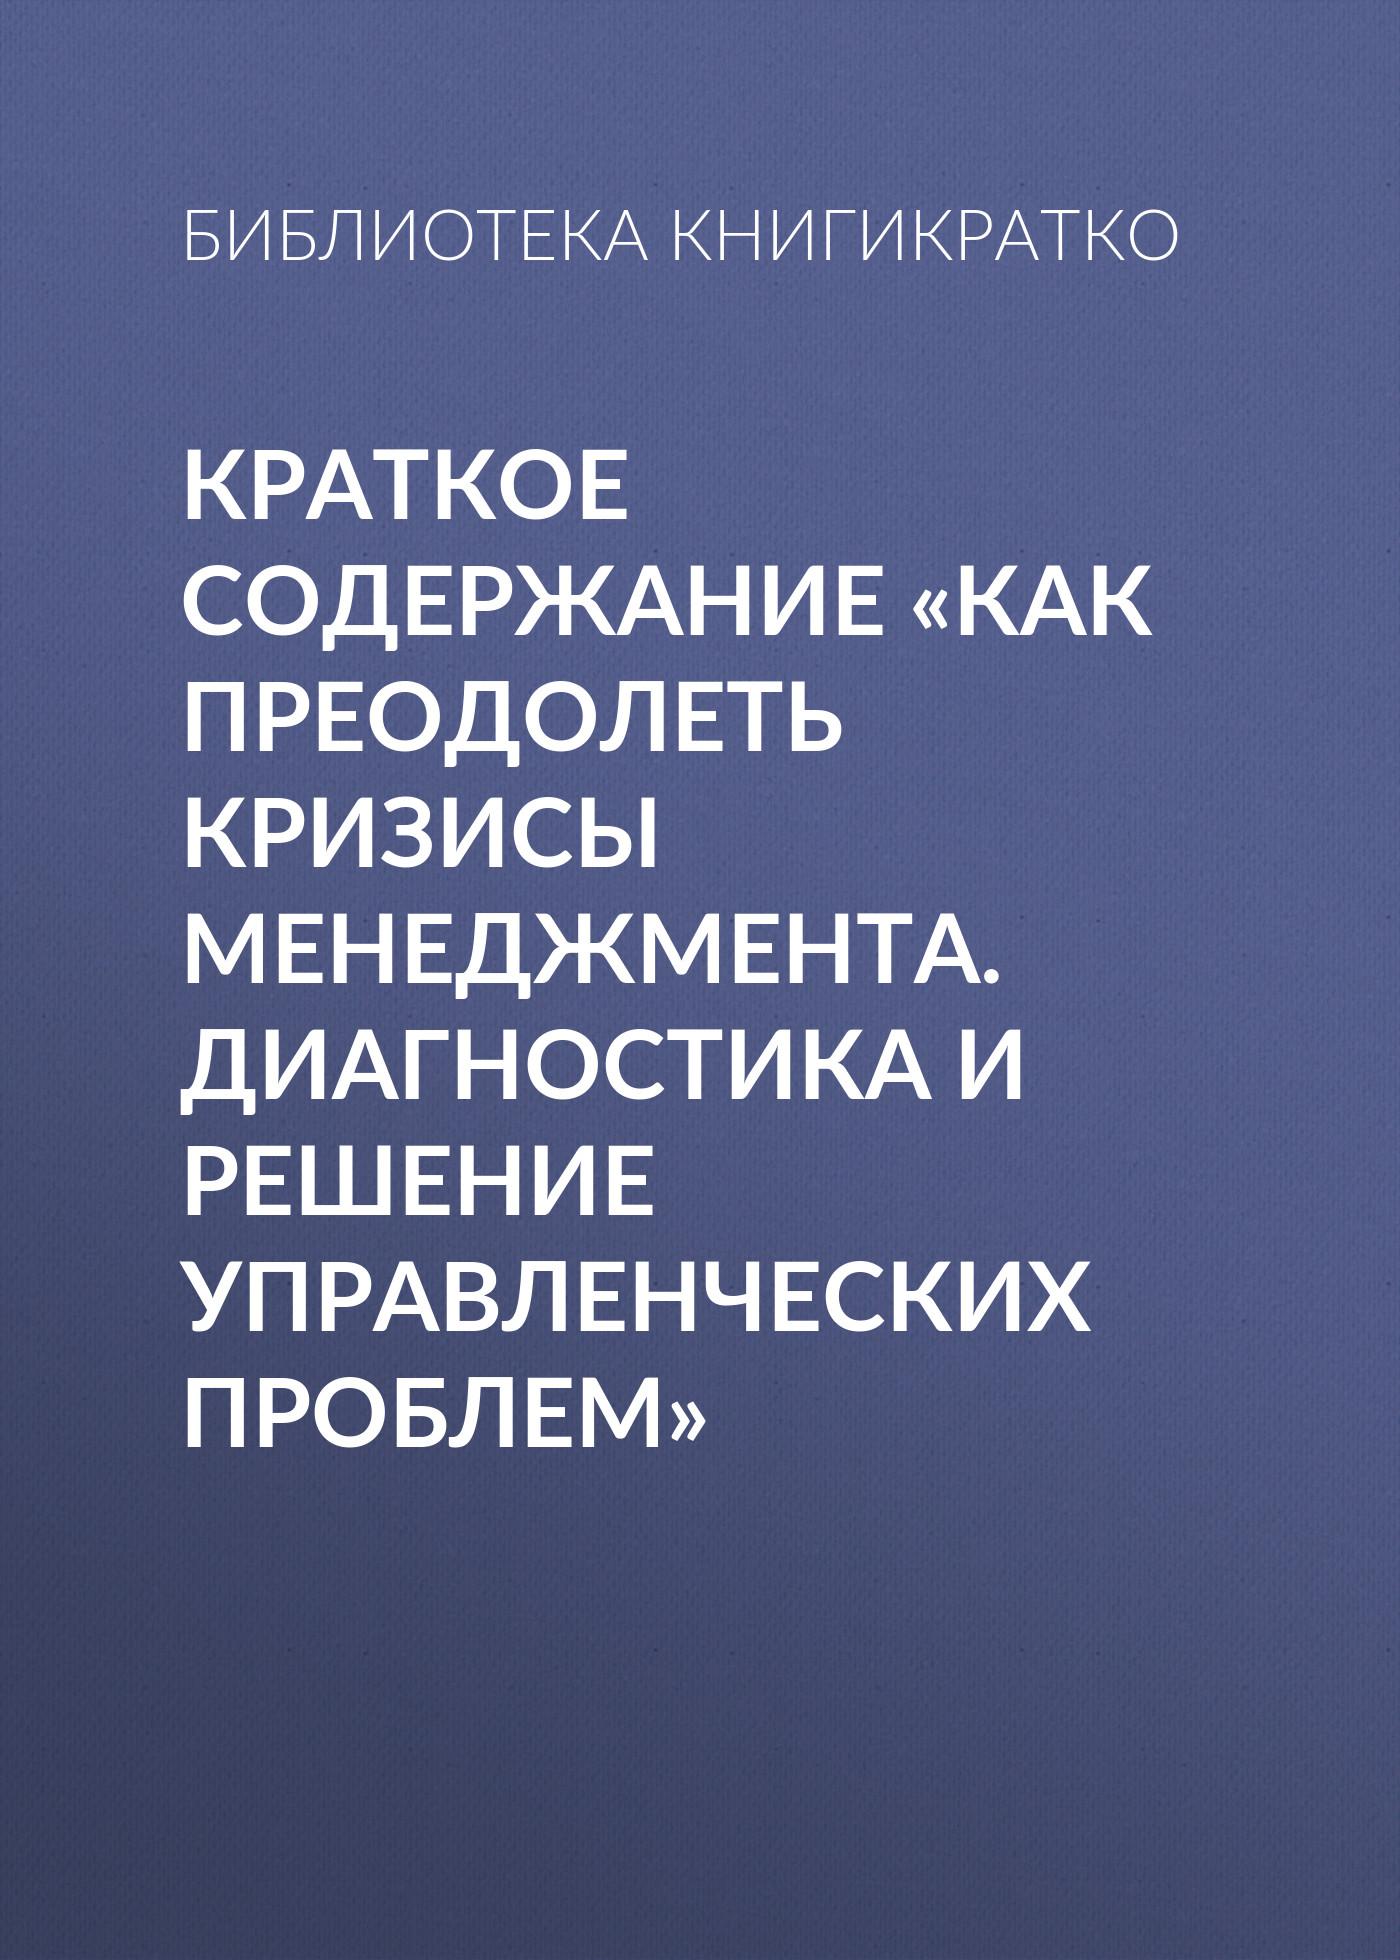 Библиотека КнигиКратко «Краткое содержание «Как преодолеть кризисы менеджмента. Диагностика и решение управленческих проблем»»